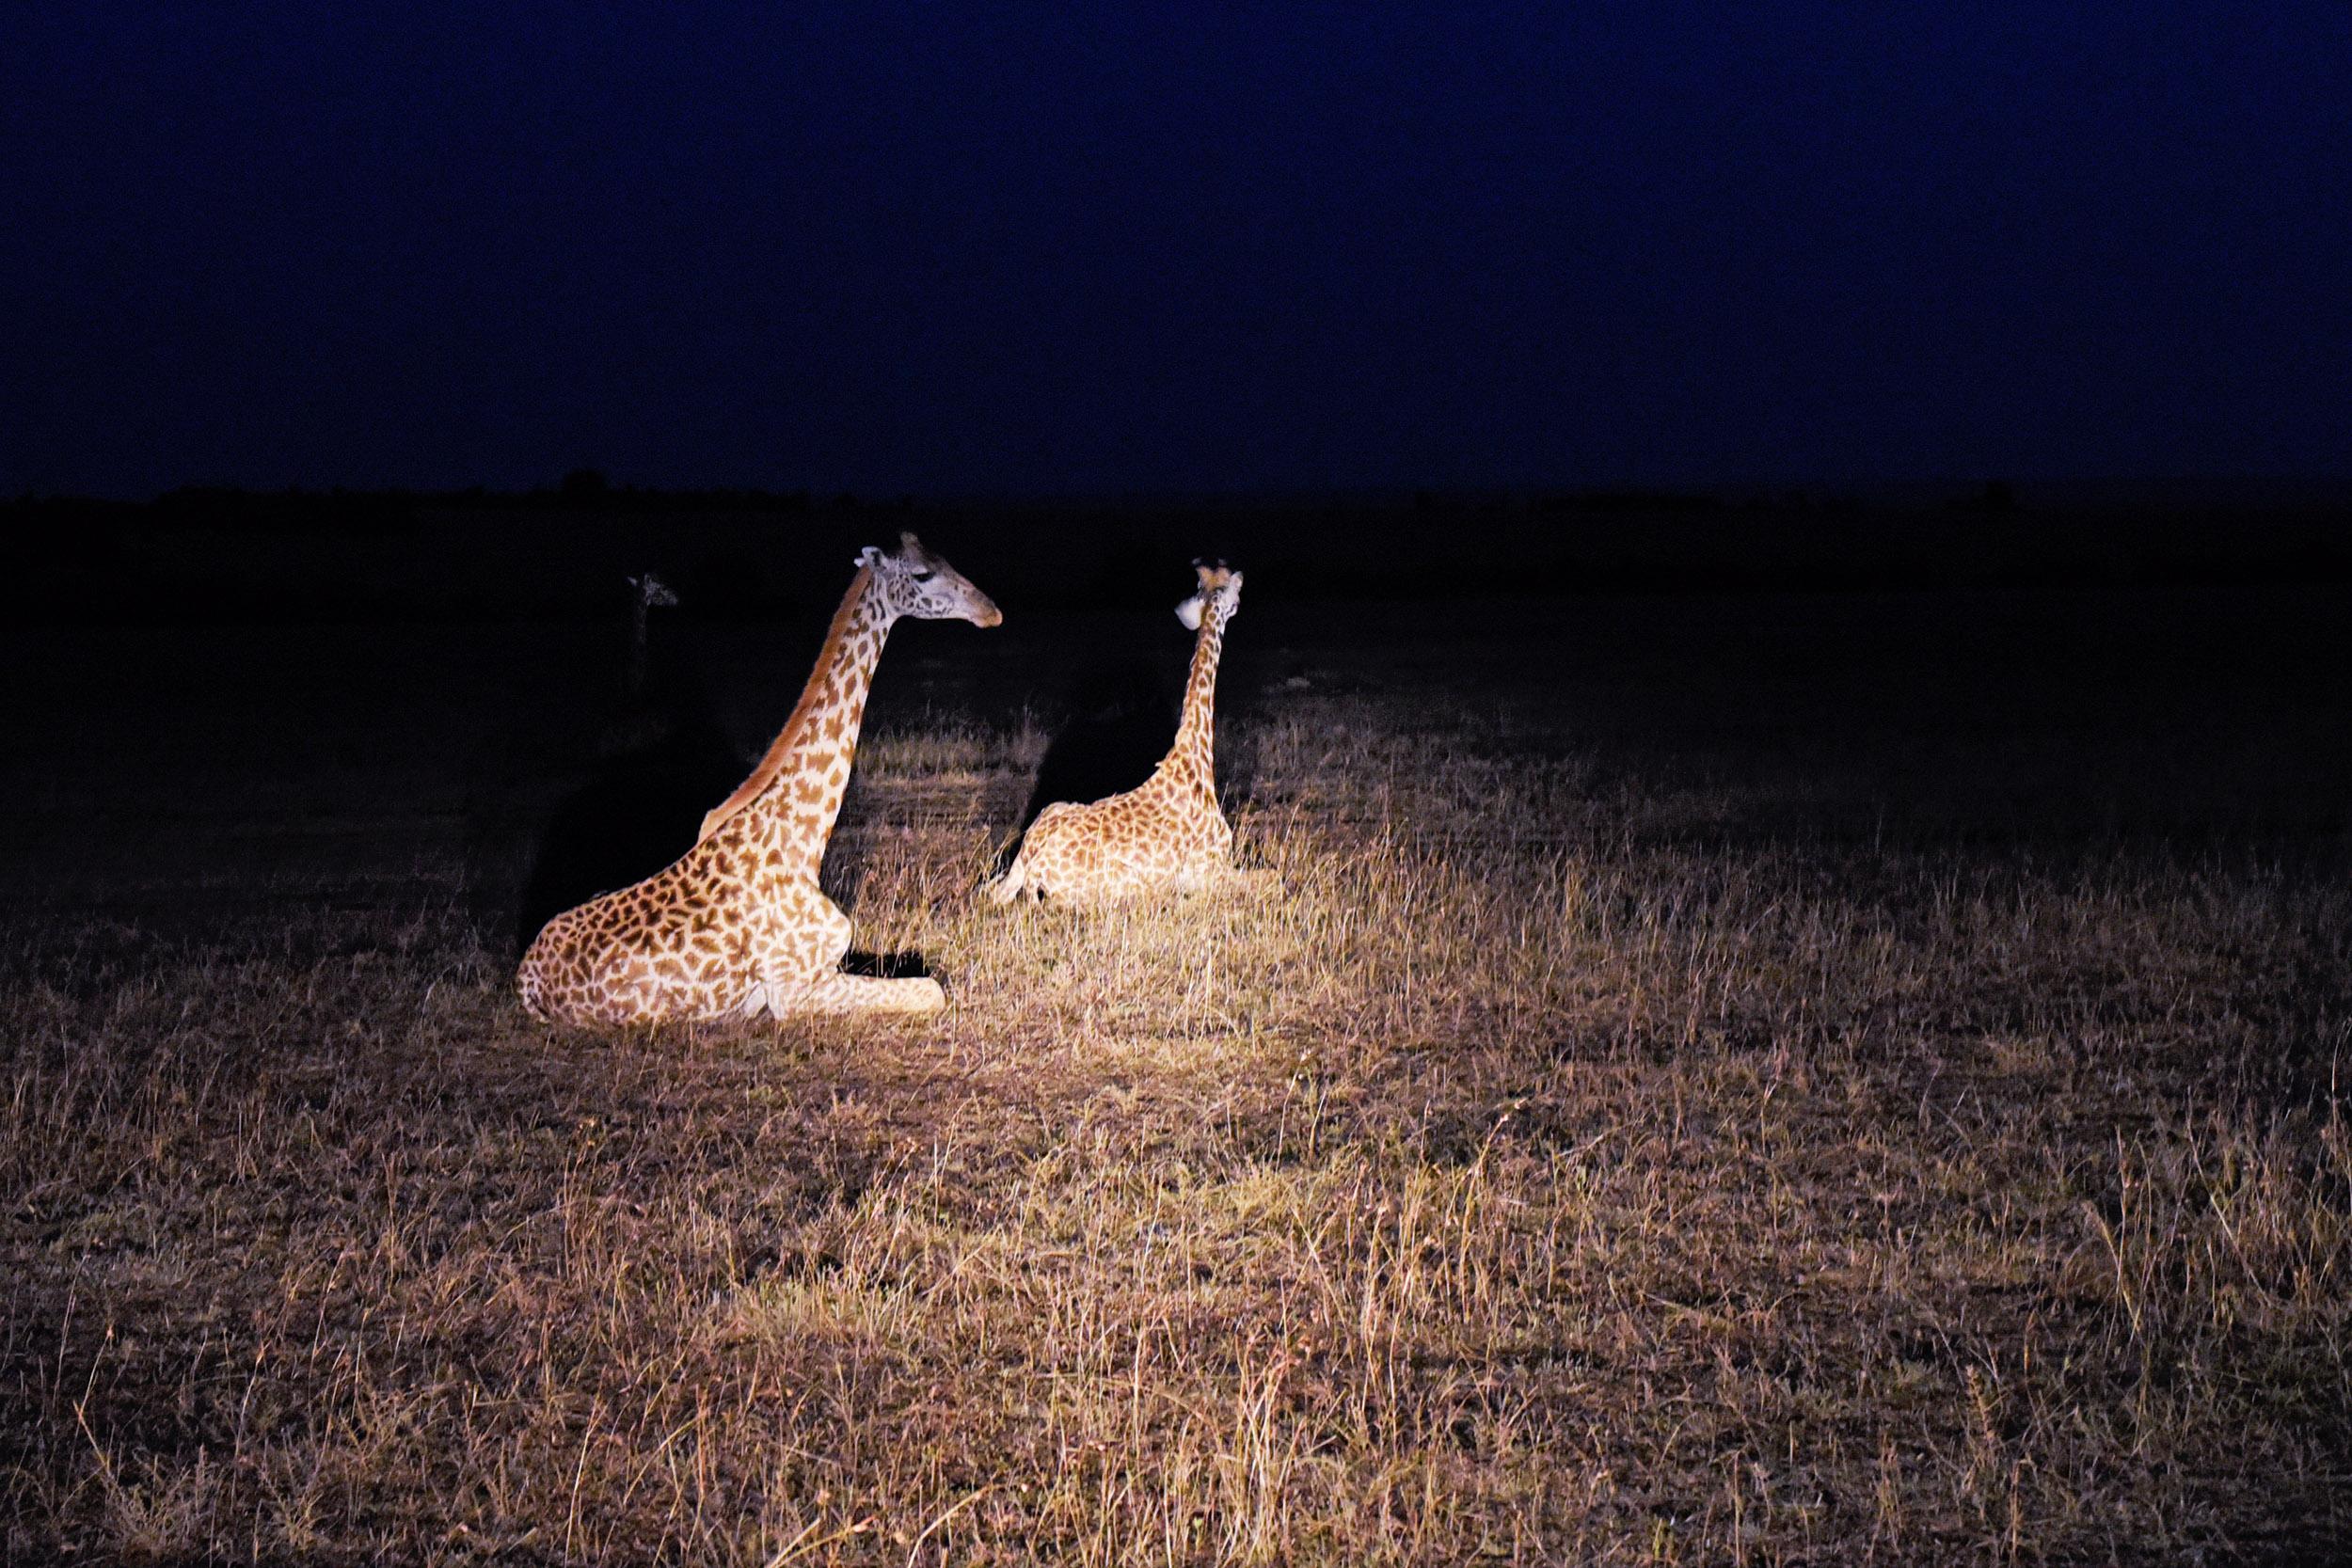 GiraffenScheinwerfer